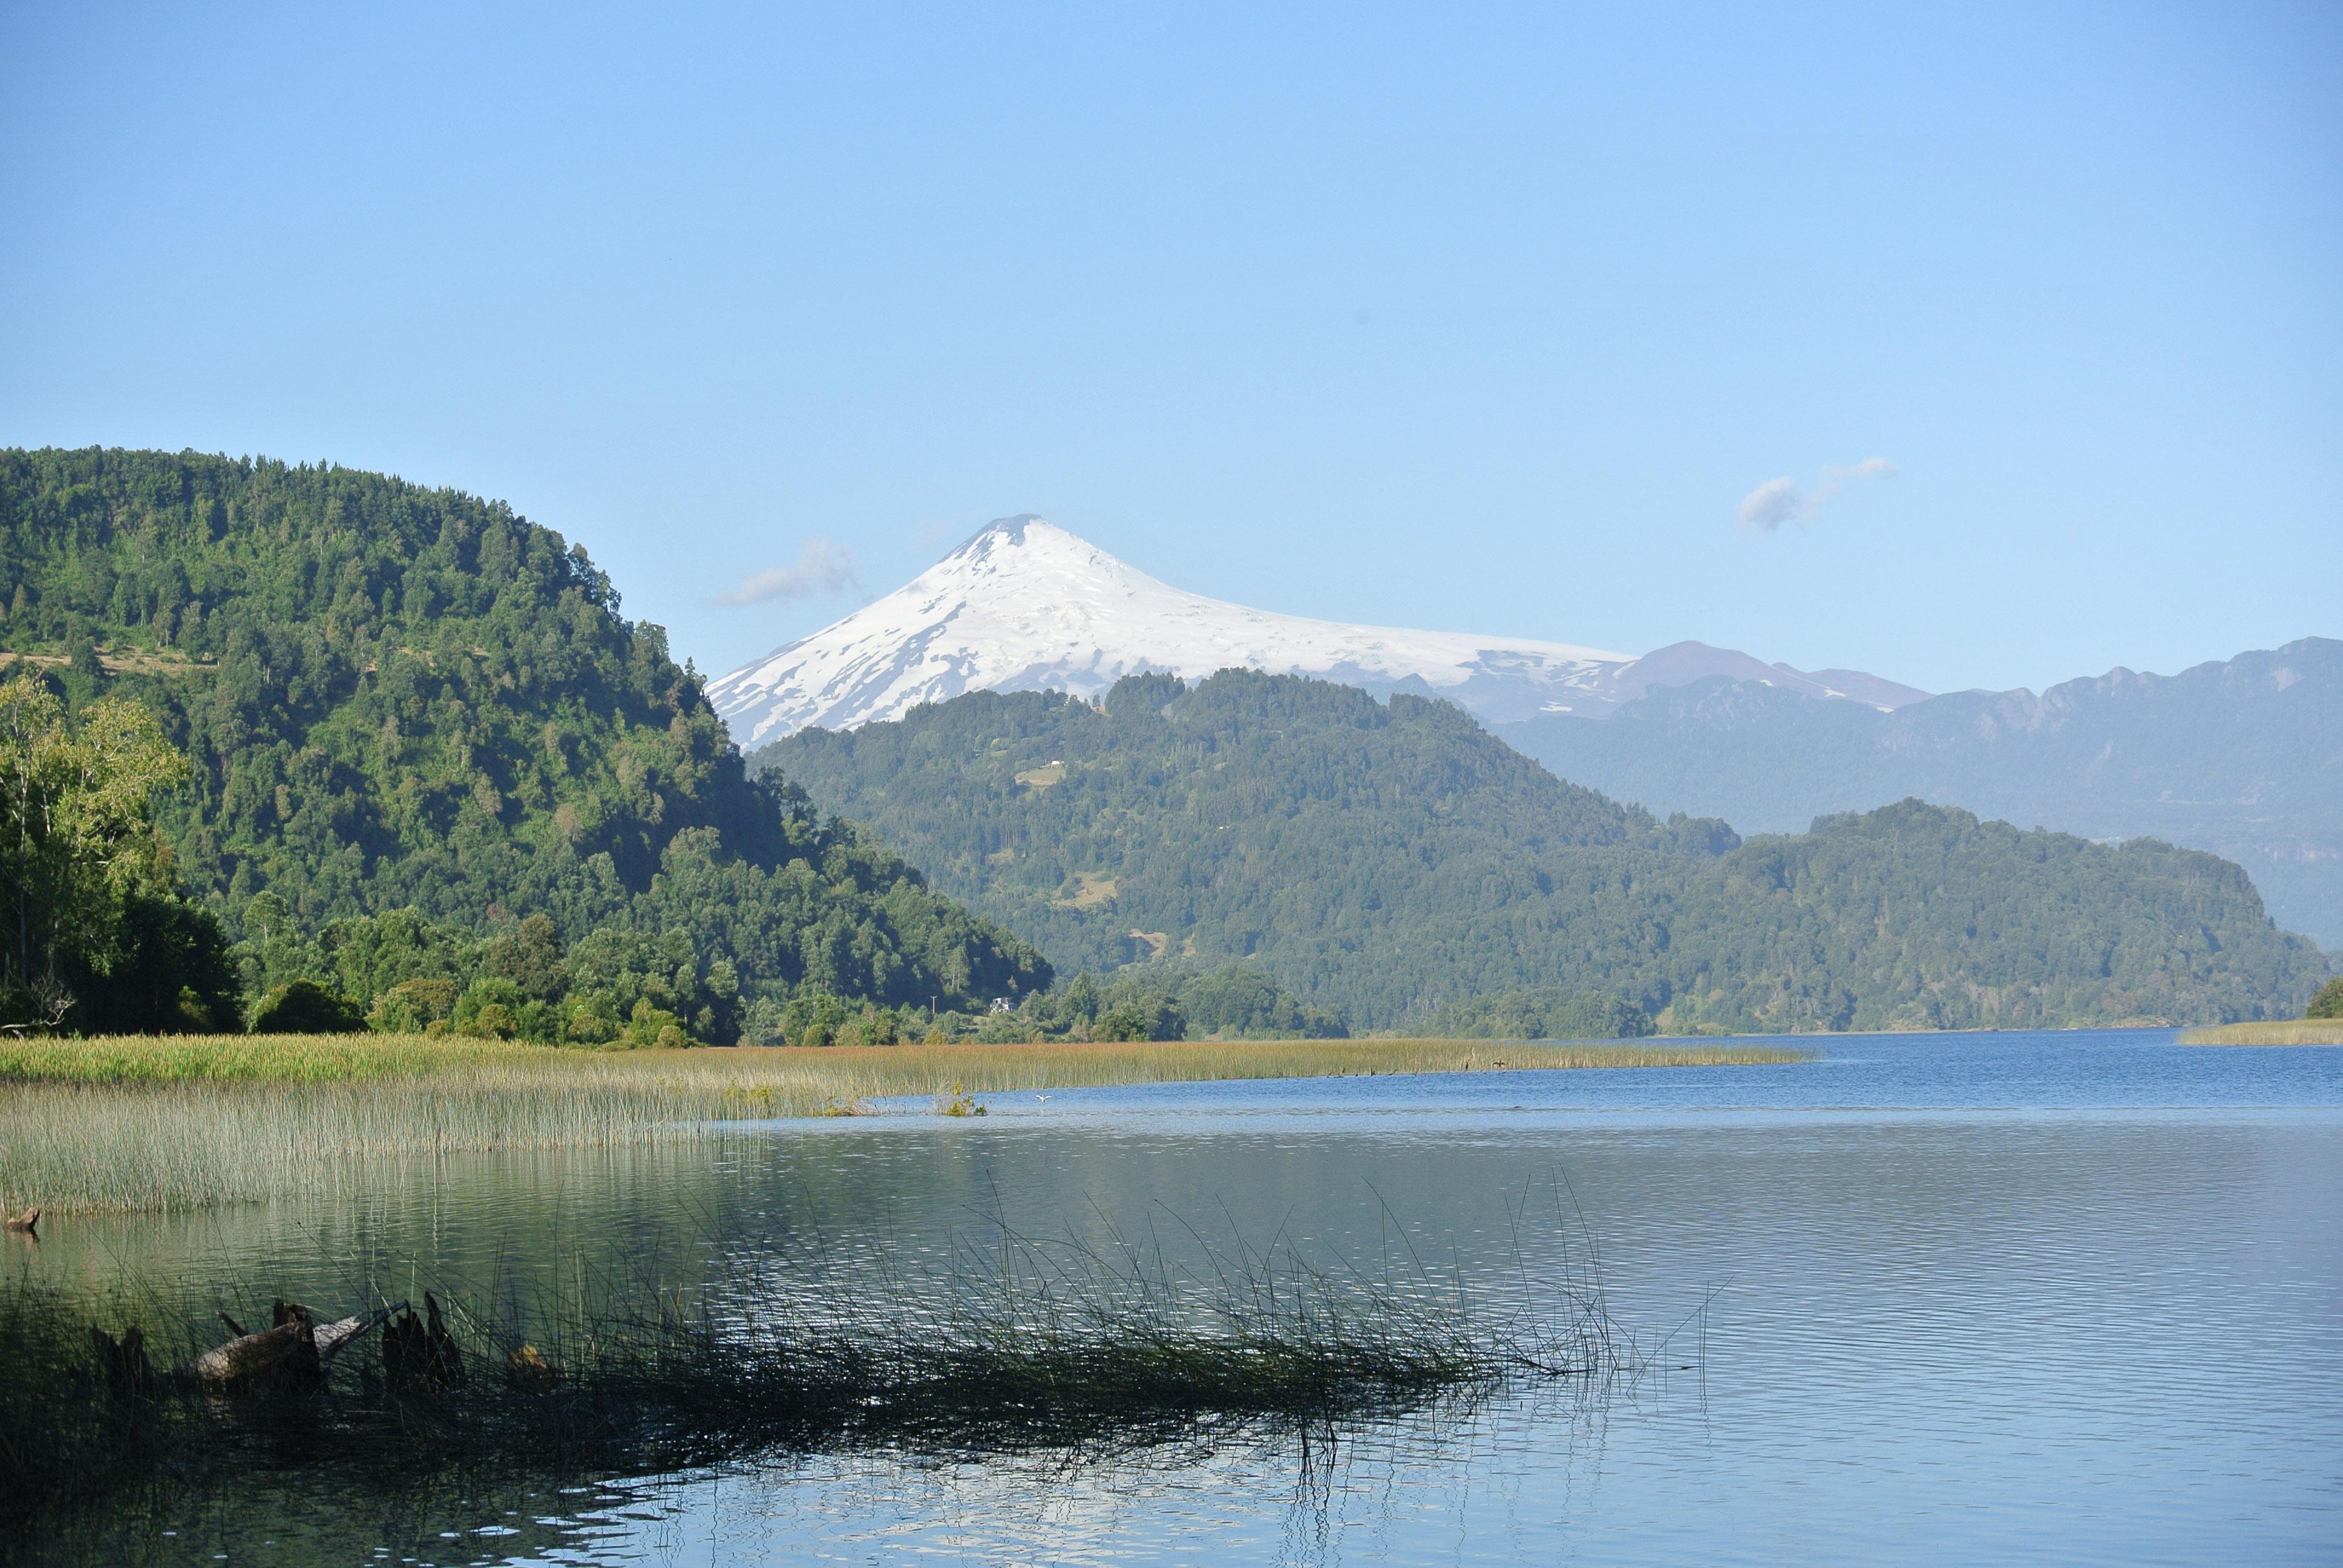 011 2401 Mirador Lago Calafquen - Lago Pullinque 24JPG